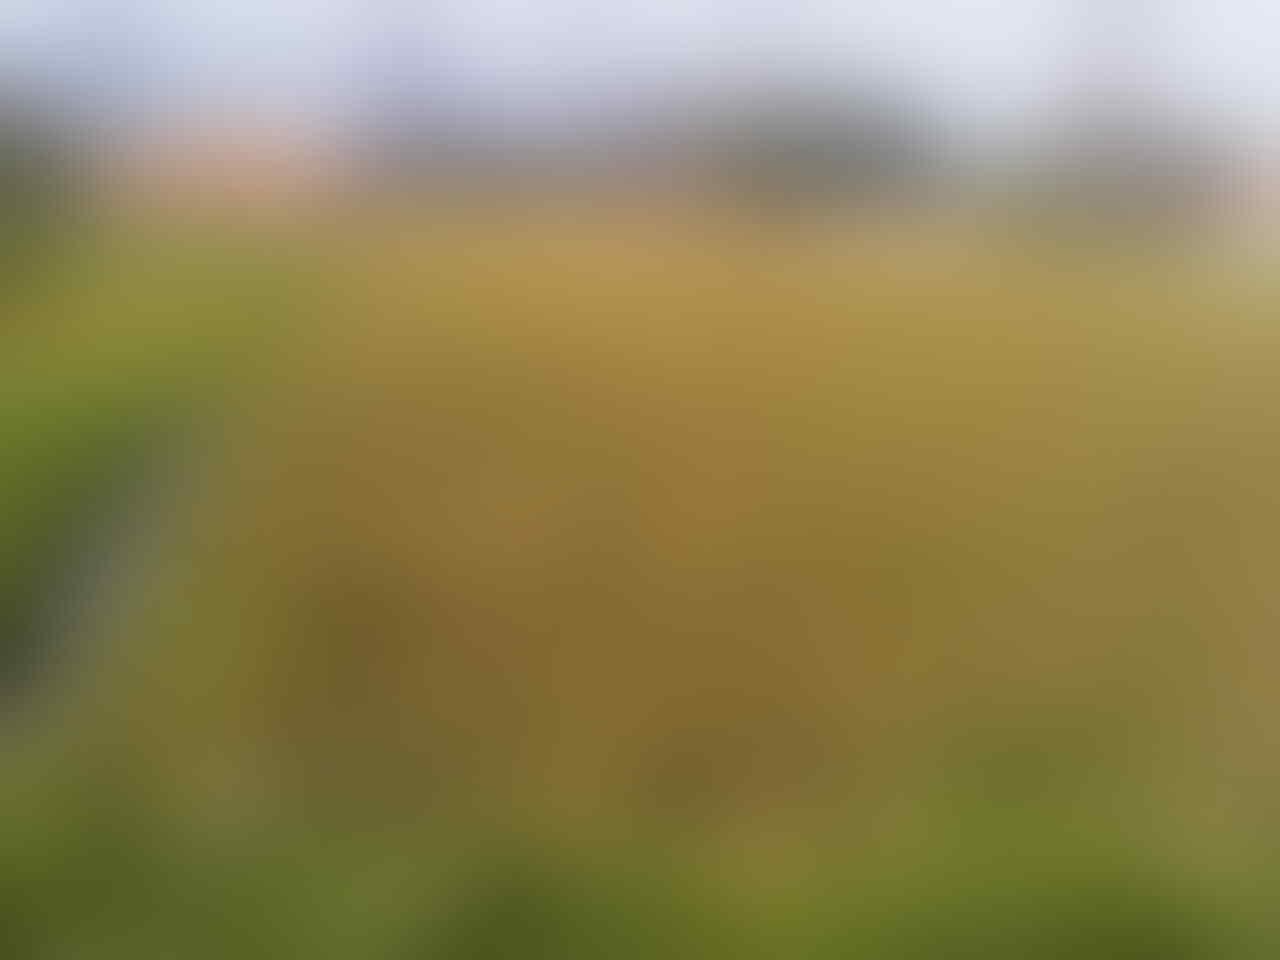 WTS Jual Tanah di daerah batujajar Bandung Barat